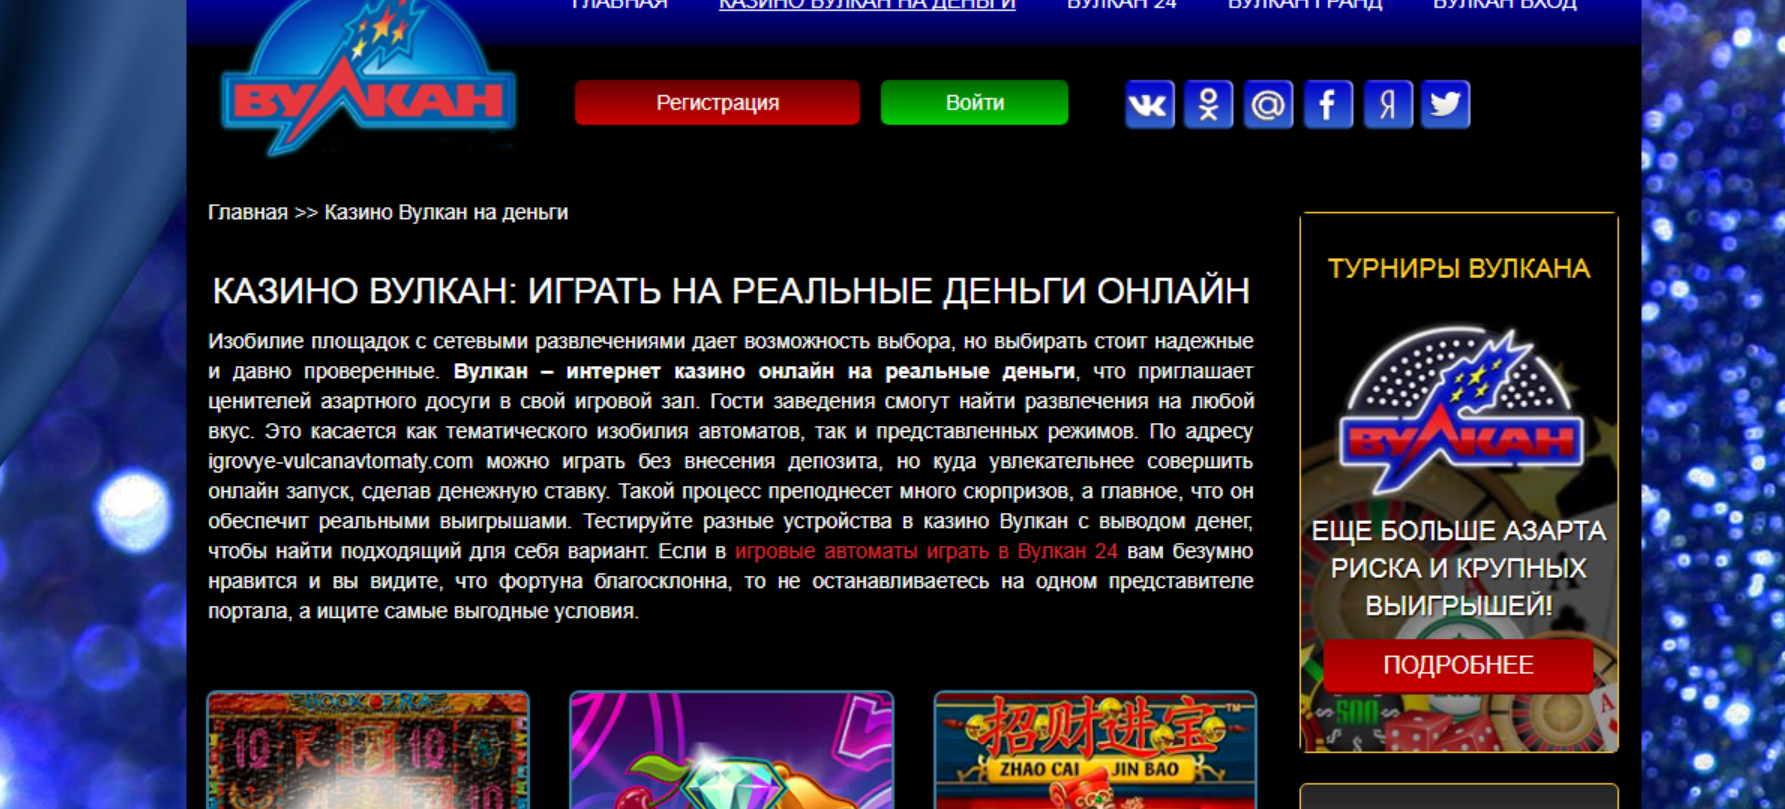 Вулкан интернет казино онлайн на реальные деньги рулетки бесплатно реальные деньги